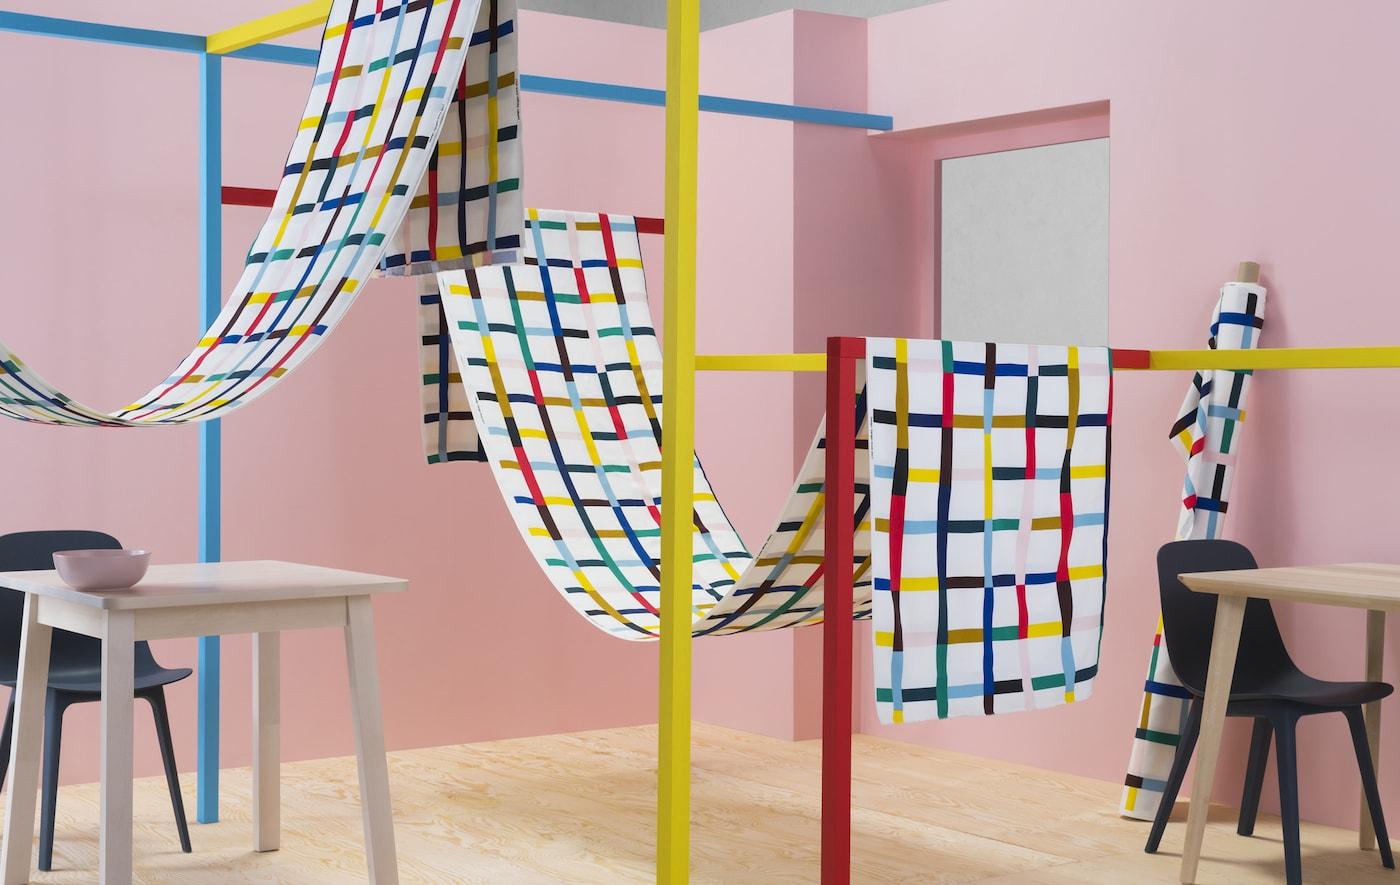 Tkanina sa šarama različitih boja prebačena preko raznobojnih okvira u roze prostoriji.